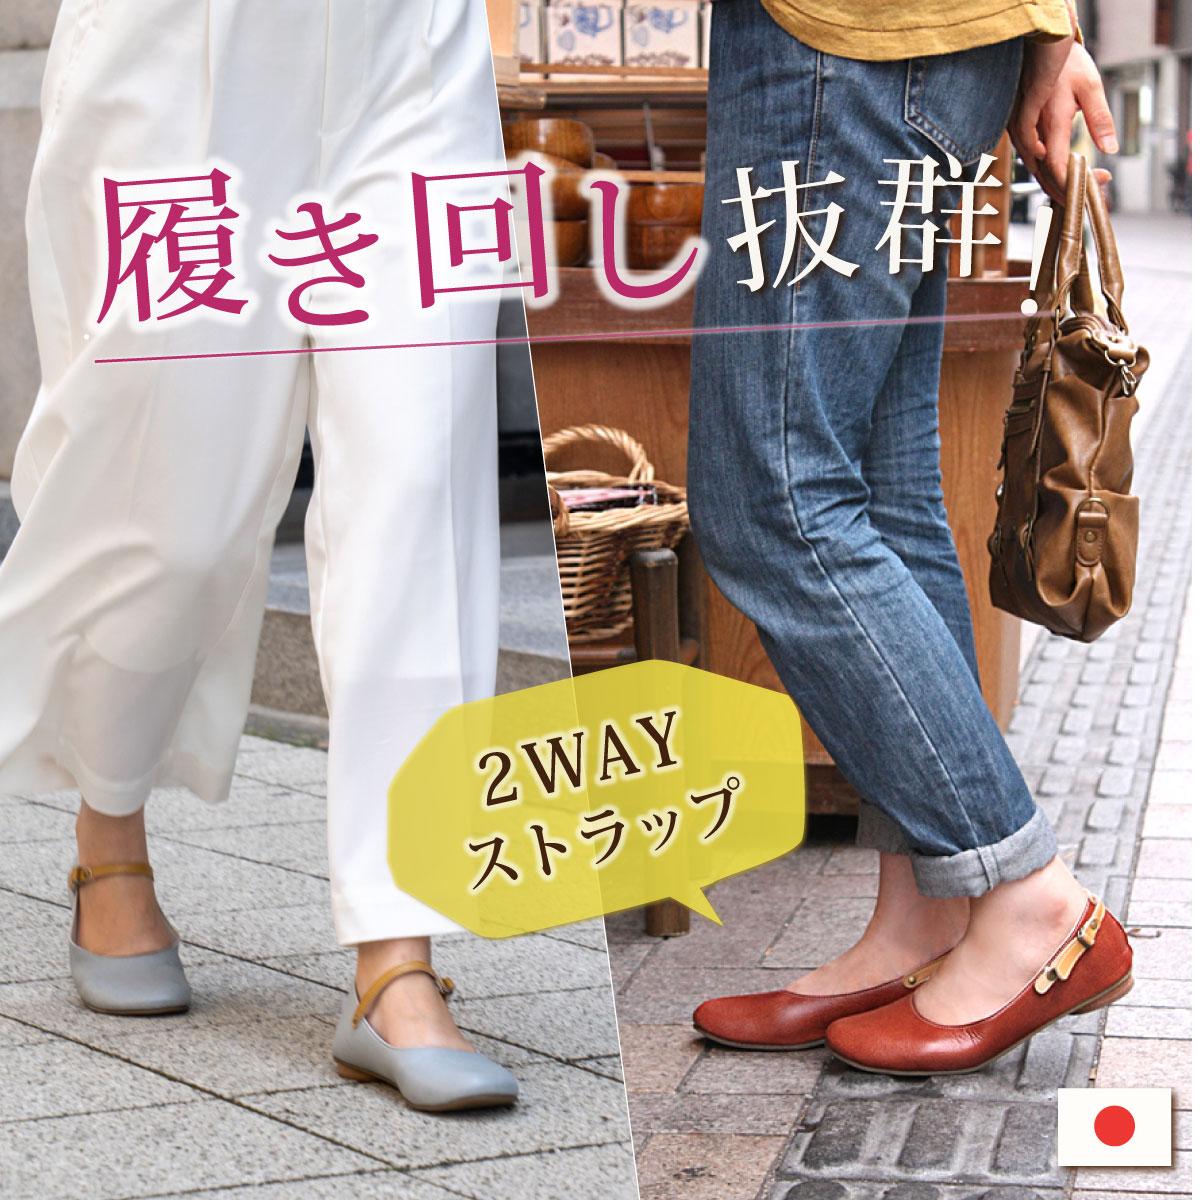 2way バレエシューズ パンプス ストラップ カジュアル フラット シンプル レディース 婦人靴 日本製 A0641【TCSF】